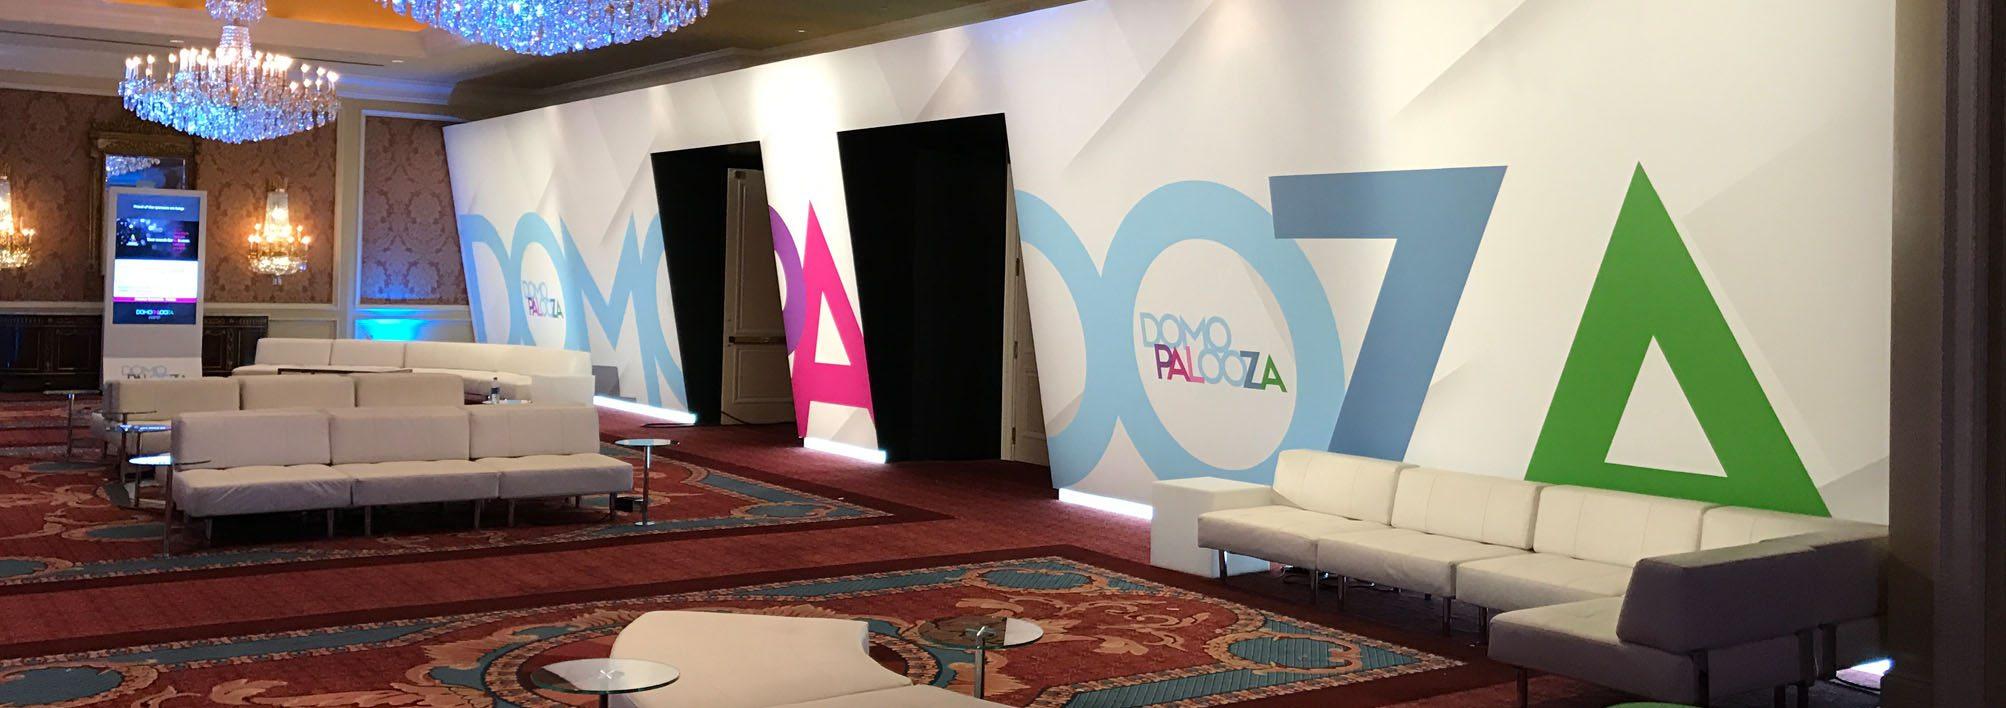 DOMO 2017 Event Branding